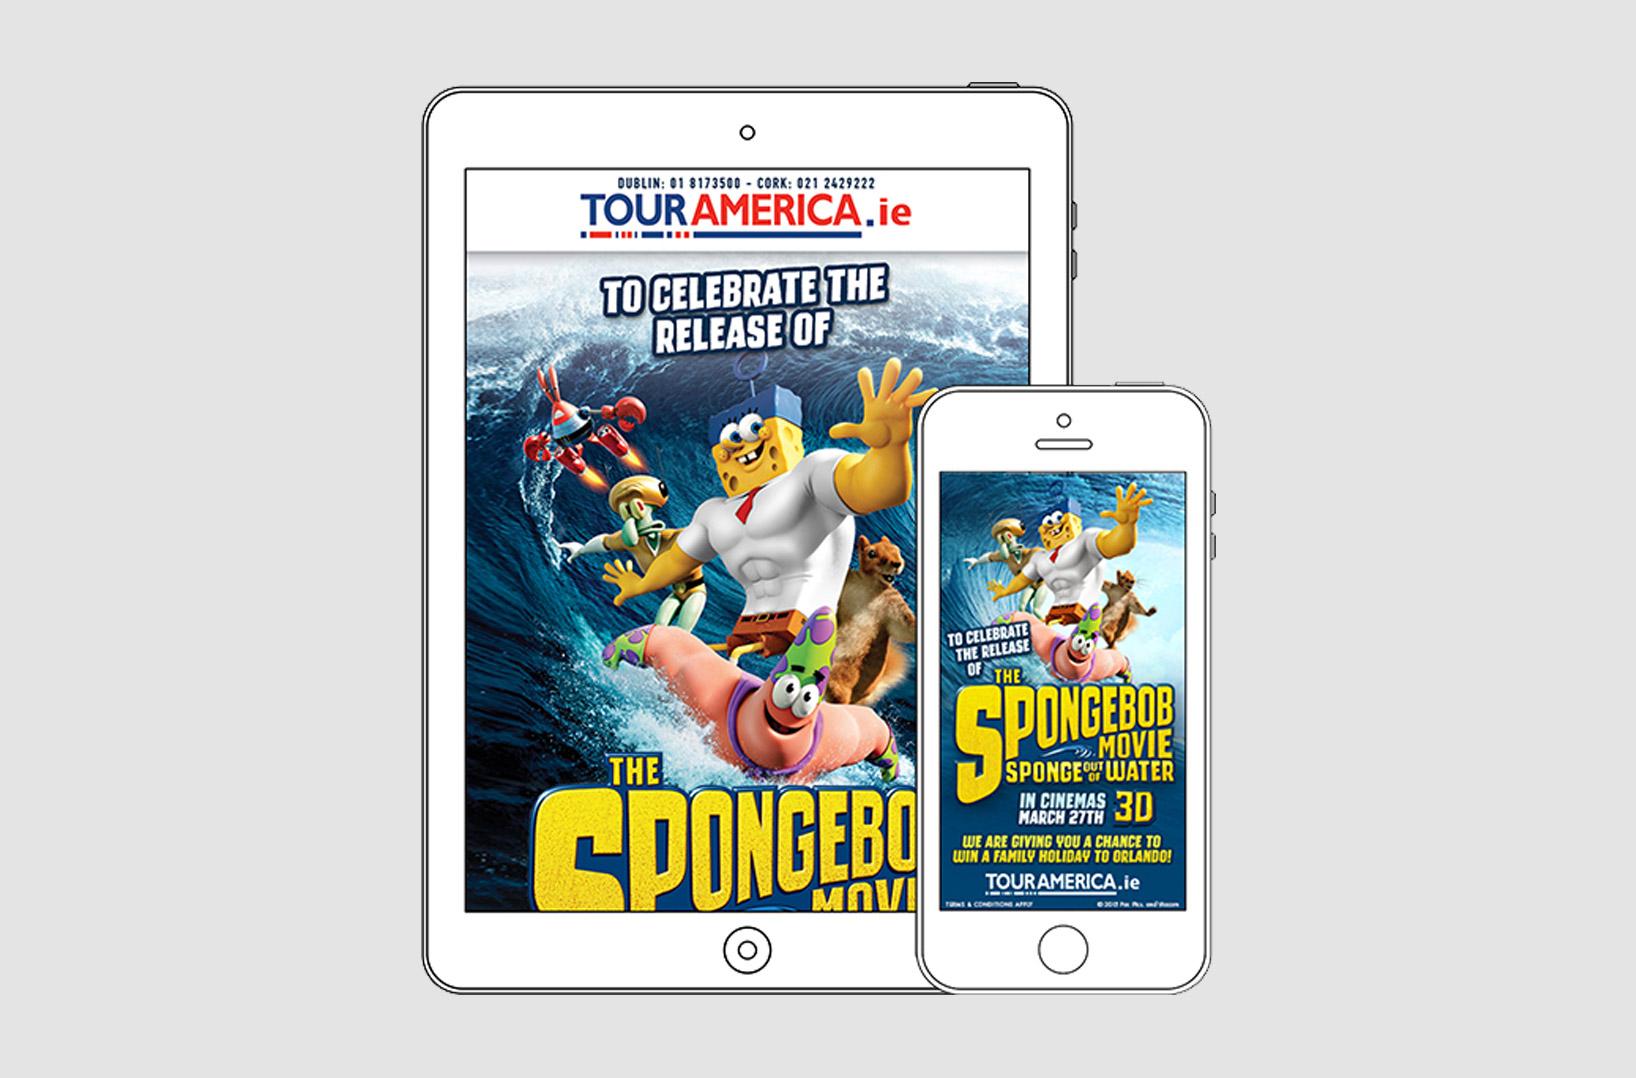 spongebob-1.jpg